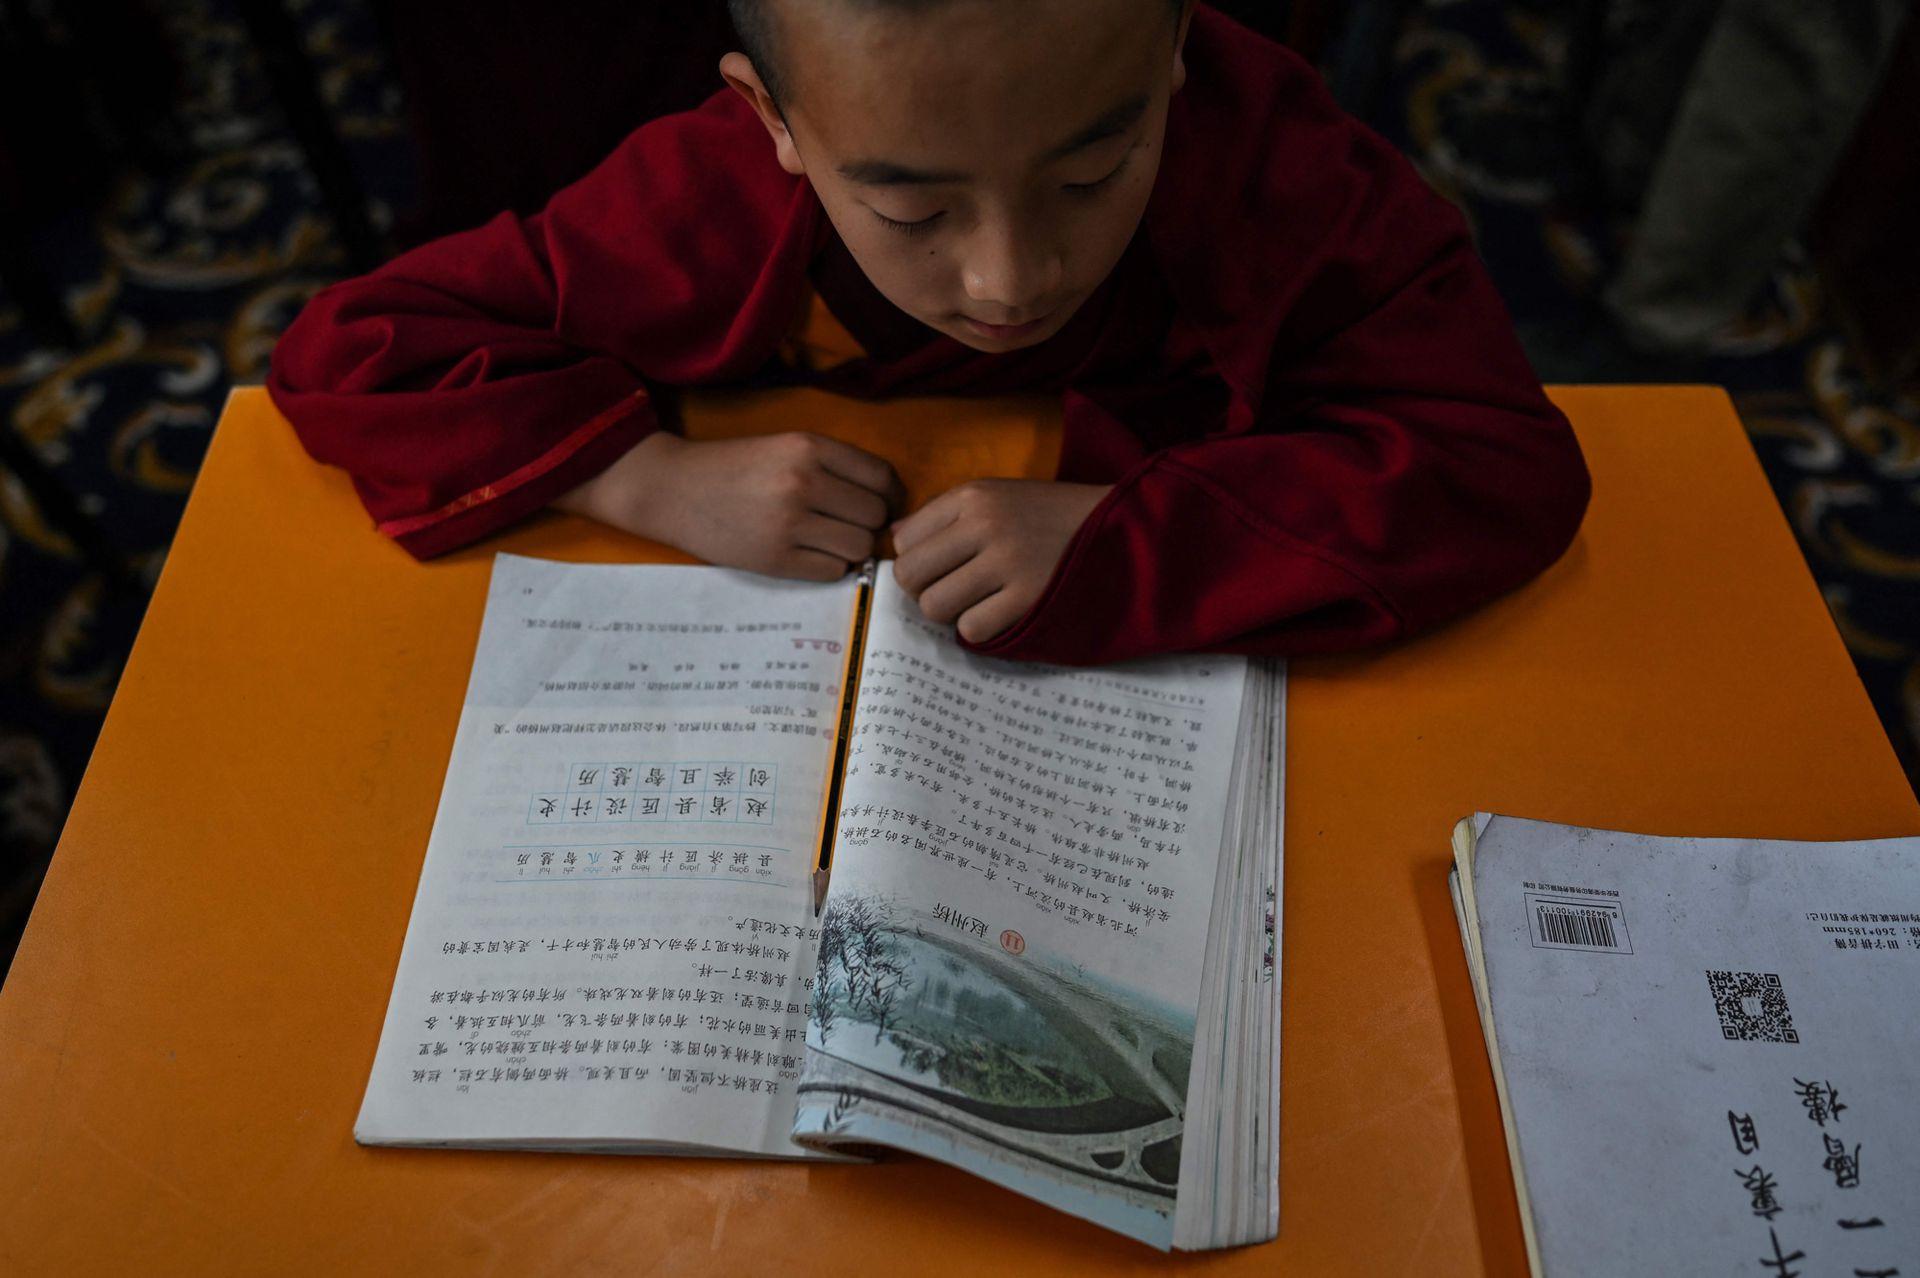 Un joven monje lee textos en chino en el Colegio Tibetano